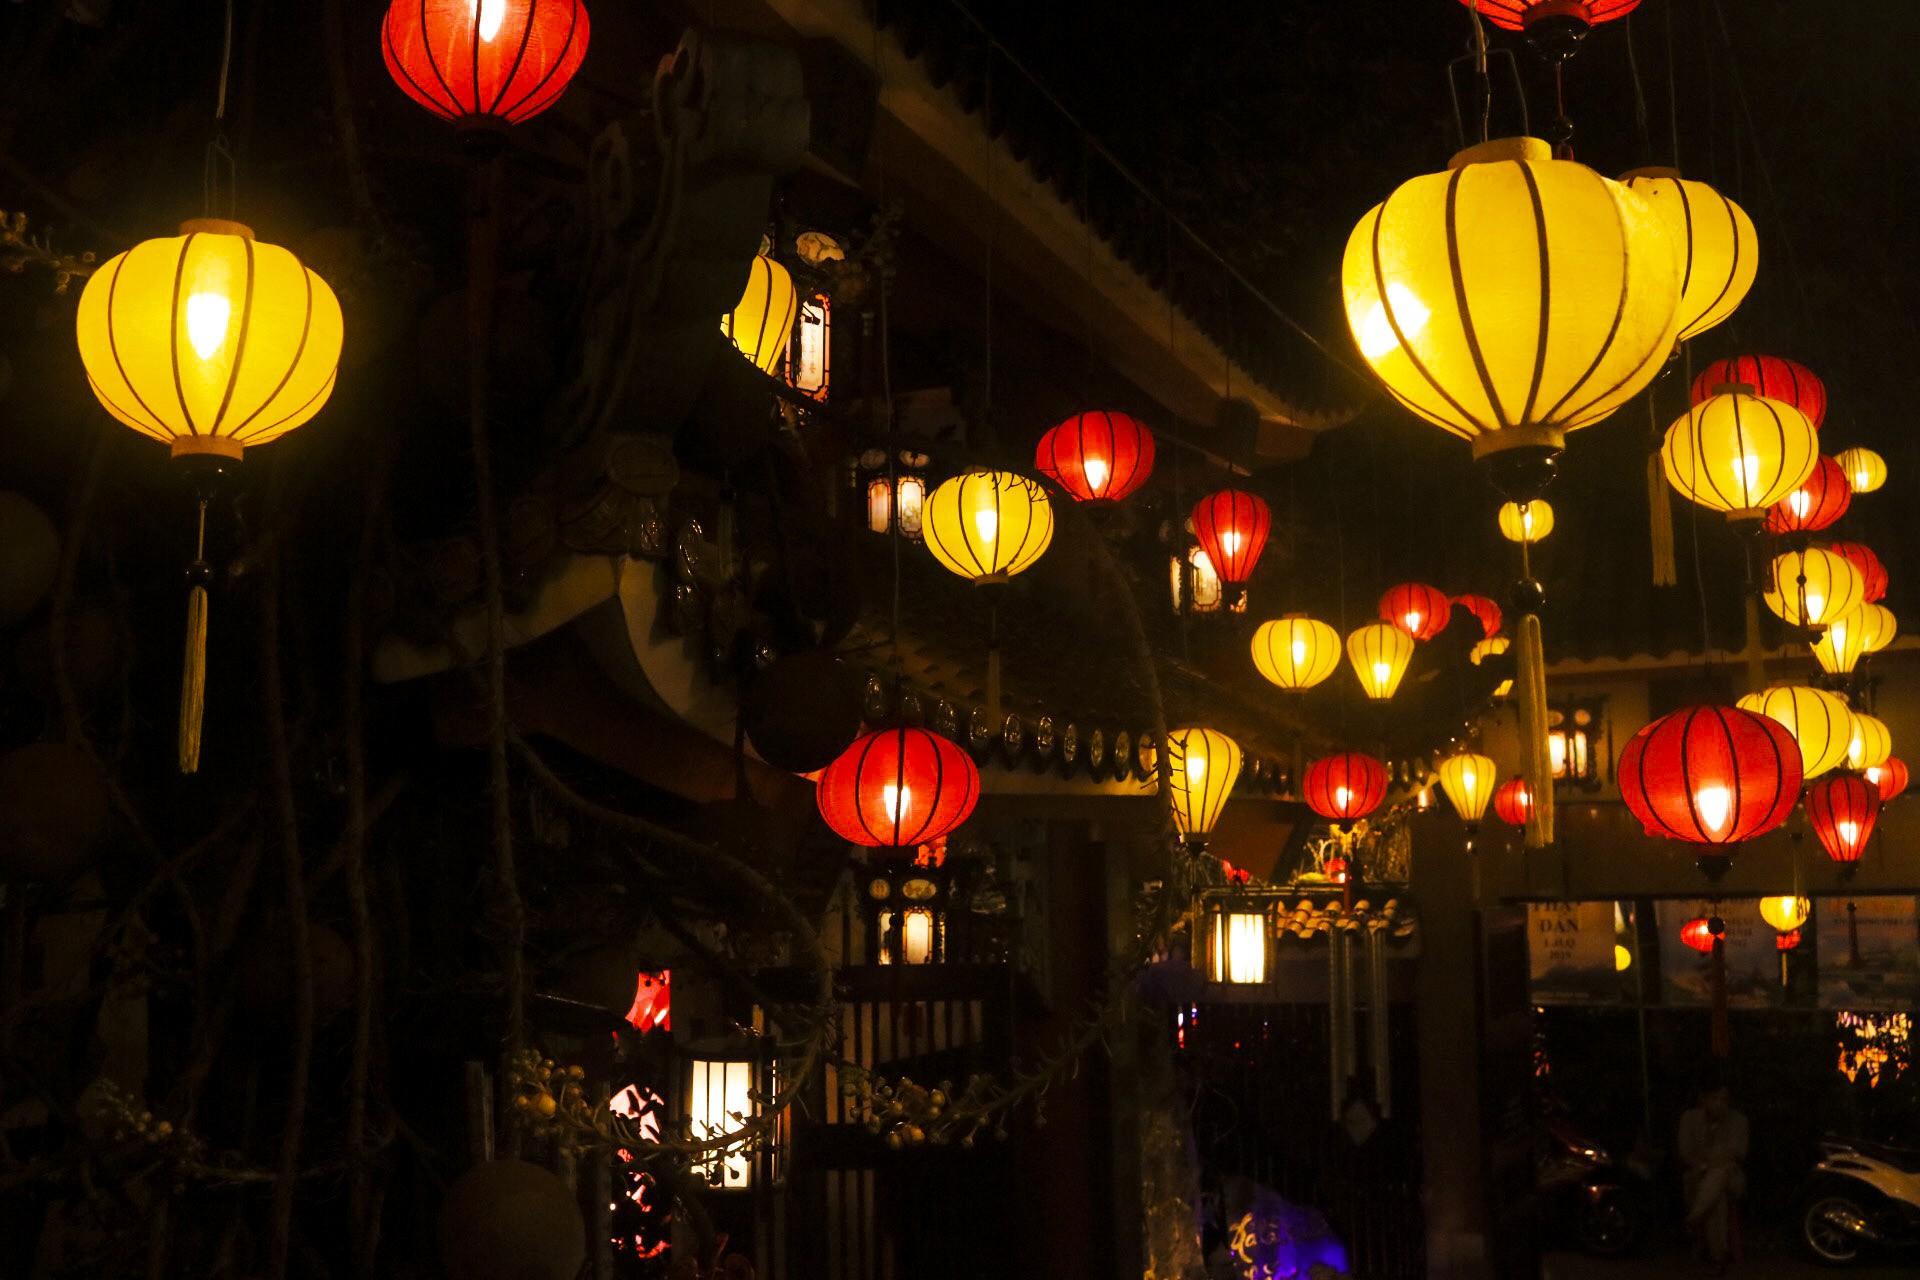 Ngắm vẻ lung linh của chùa Pháp Hoa trước Đại lễ Phật Đản Vesak 2019 - Ảnh 4.